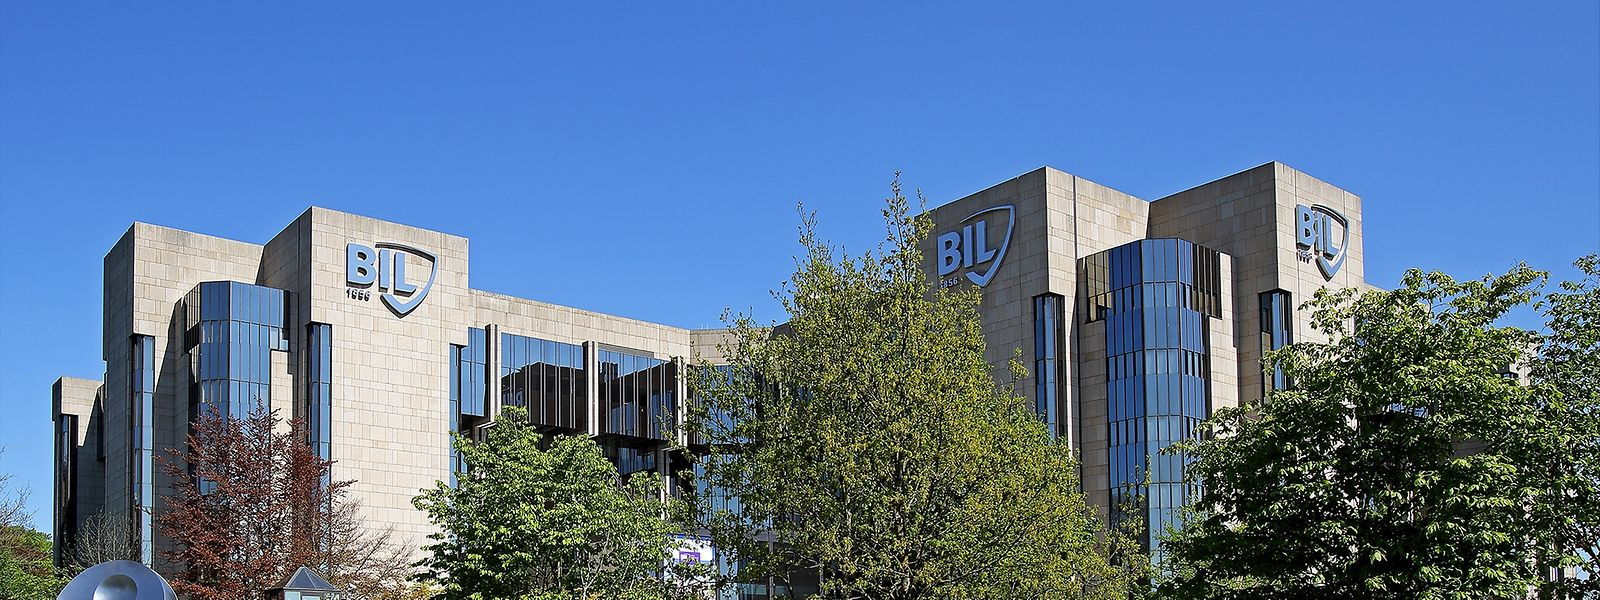 Die BIL wurde bereits 1856 gegründet. Sie ist heute in den Bereichen Retail Banking, Private Banking und Corporate Banking sowie an den Kapitalmärkten tätig.